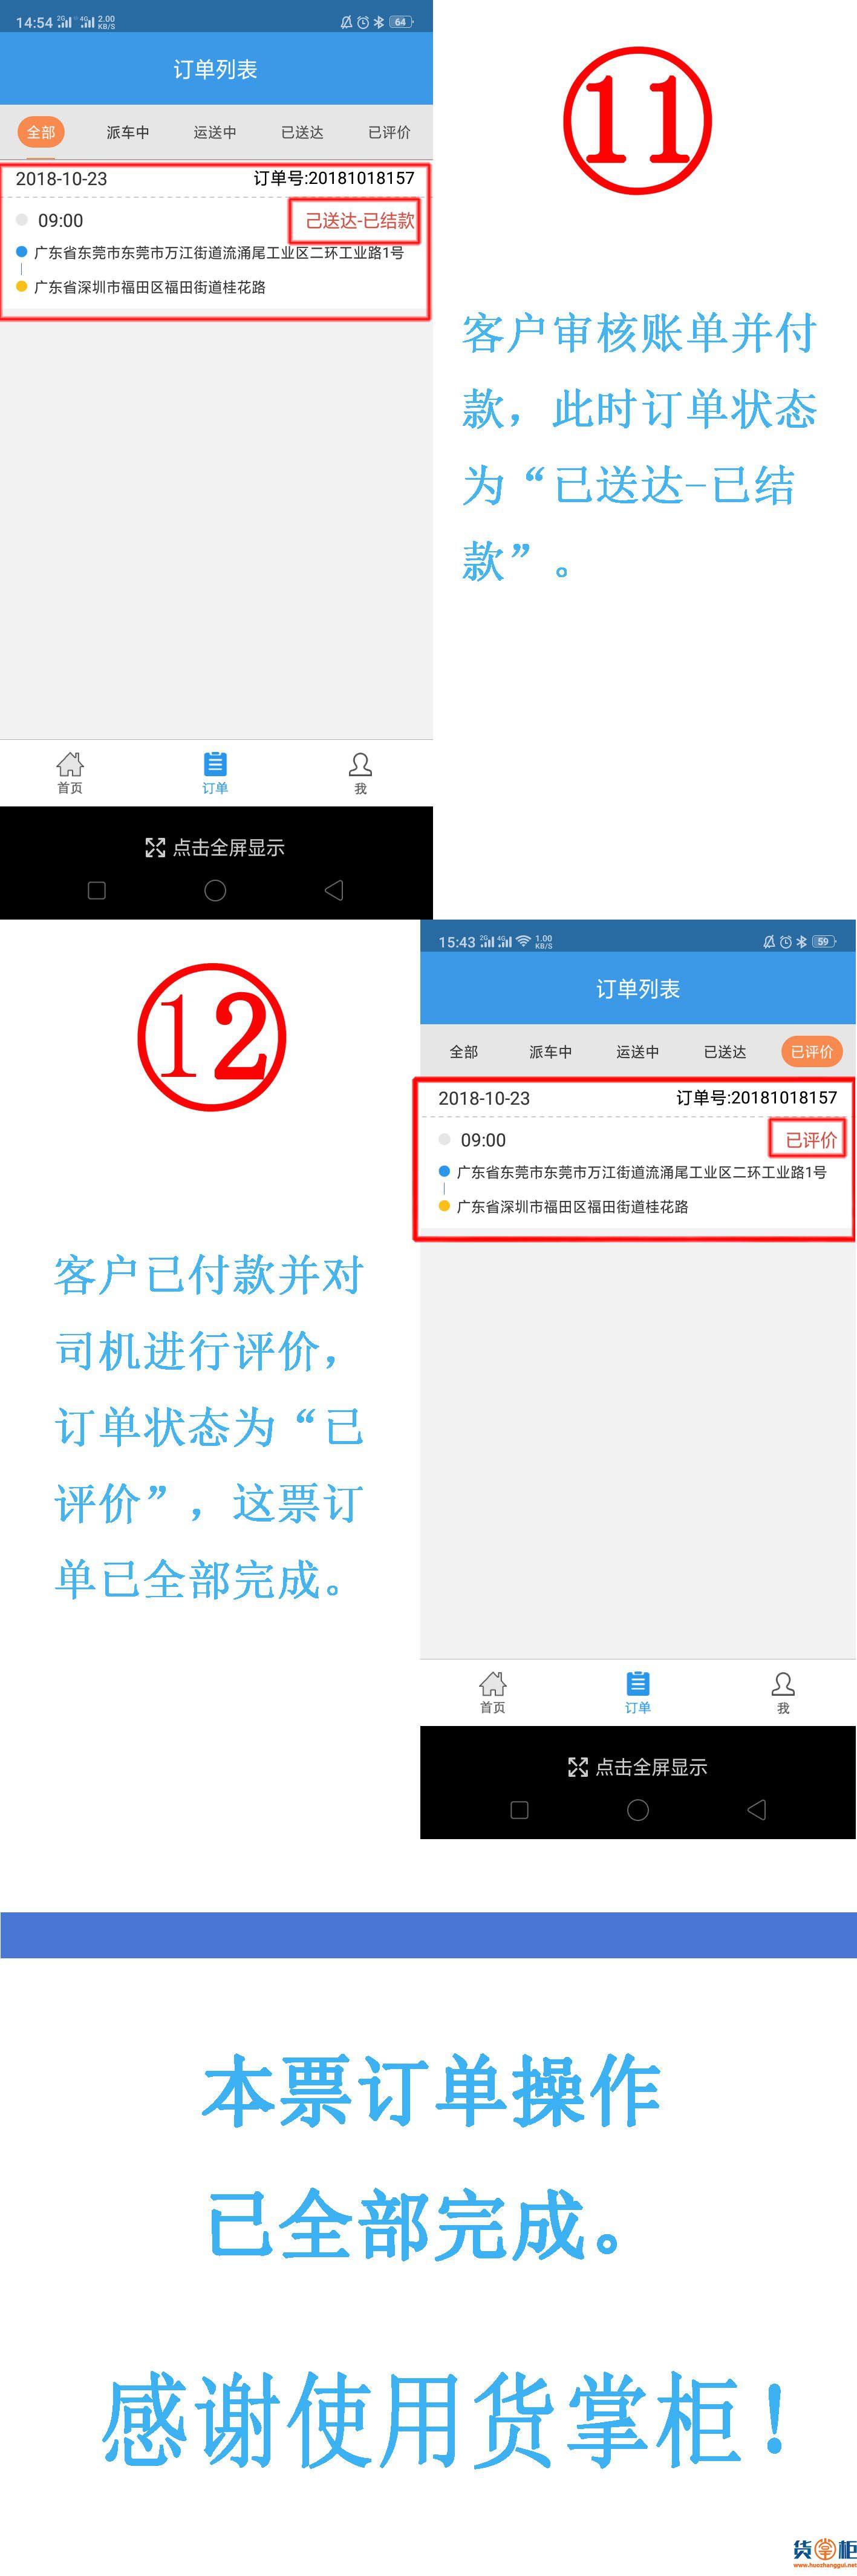 货掌柜APP用户端吨车下单教程-货掌柜www.huozhanggui.net